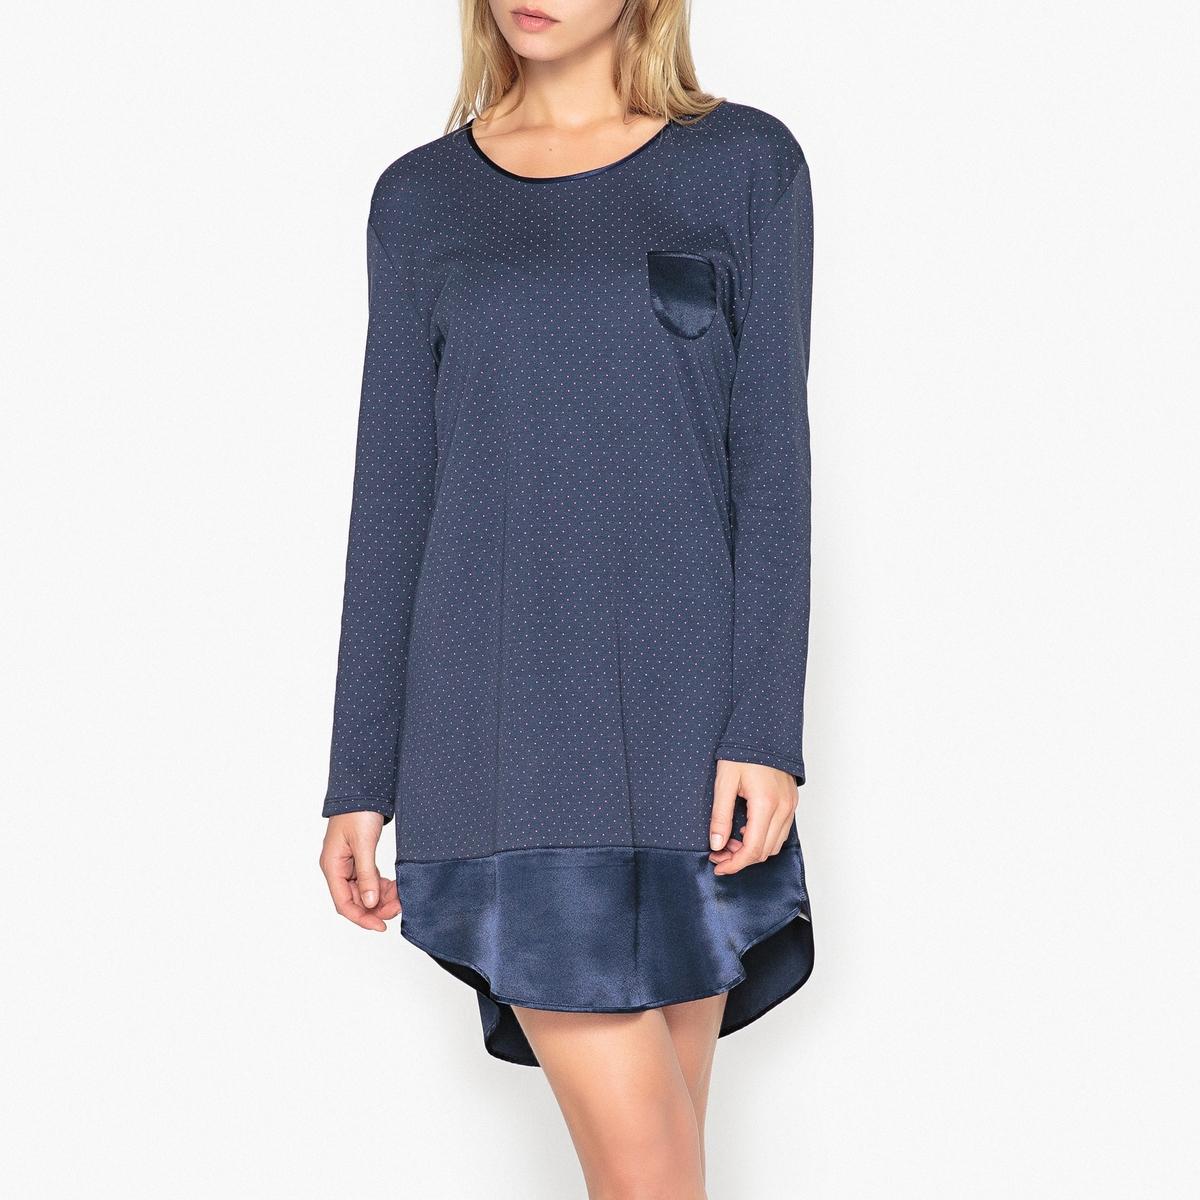 Ночная рубашка из хлопка, с длинными рукавами, Pretty